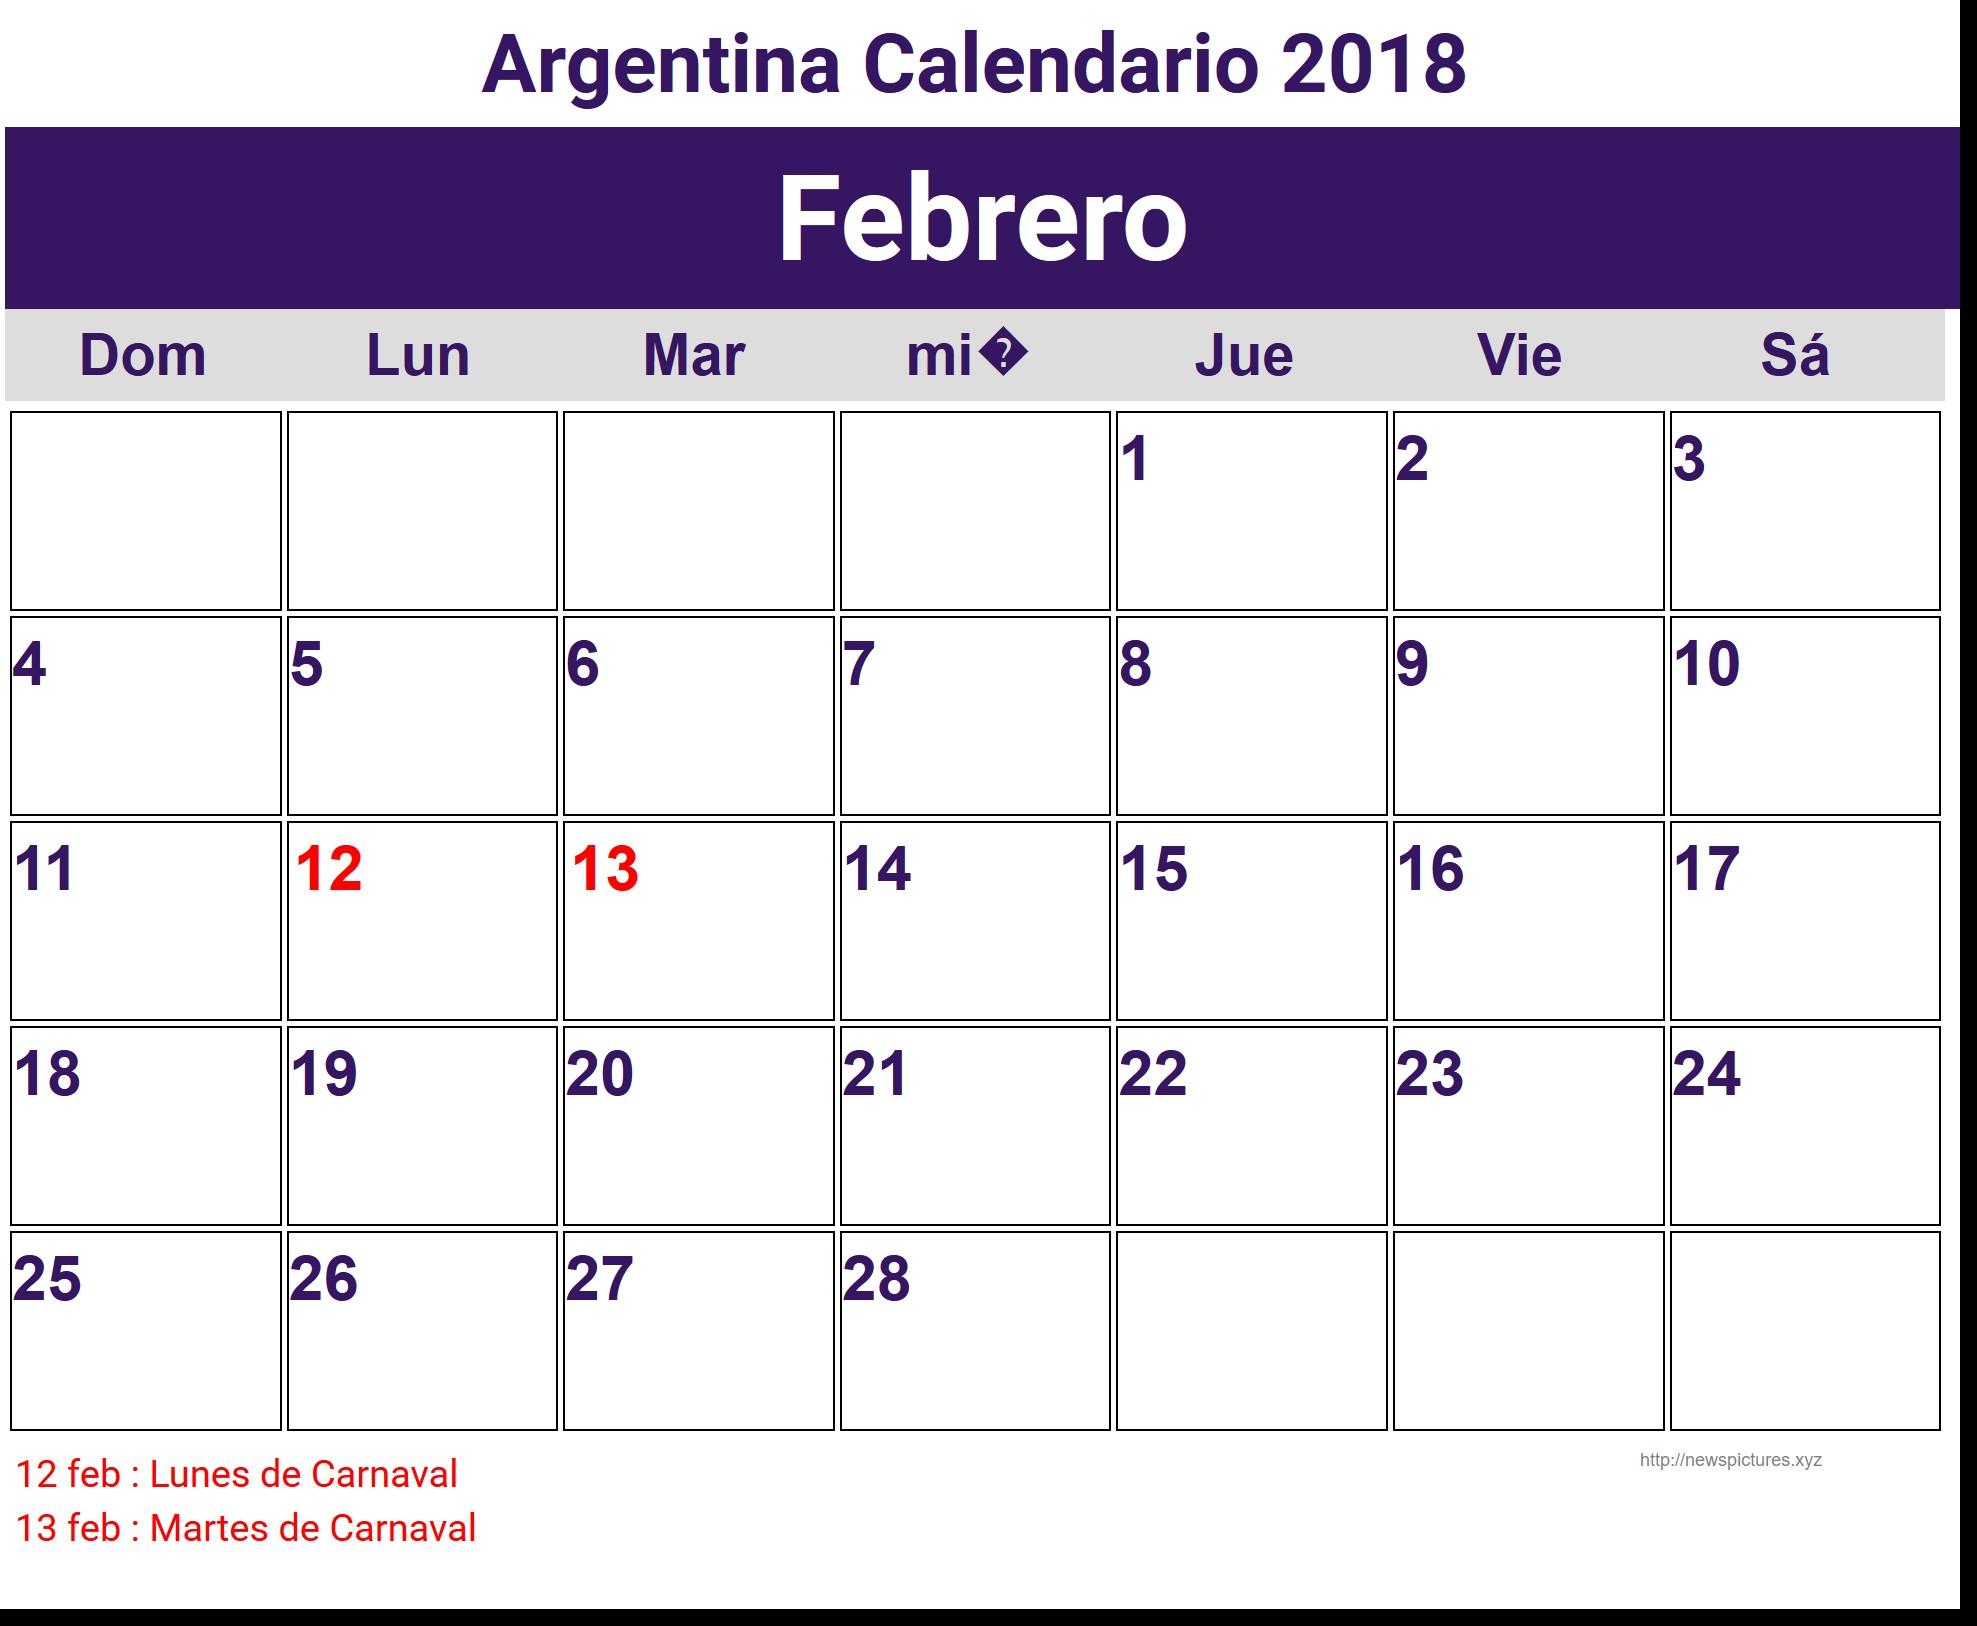 Calendario Febrero 2018 Con Santoral Más Recientemente Liberado Image for Febrero Argentina Calendario 2018 Of Calendario Febrero 2018 Con Santoral Más Populares C 22 – Publifinisterra Articulos Promocionales